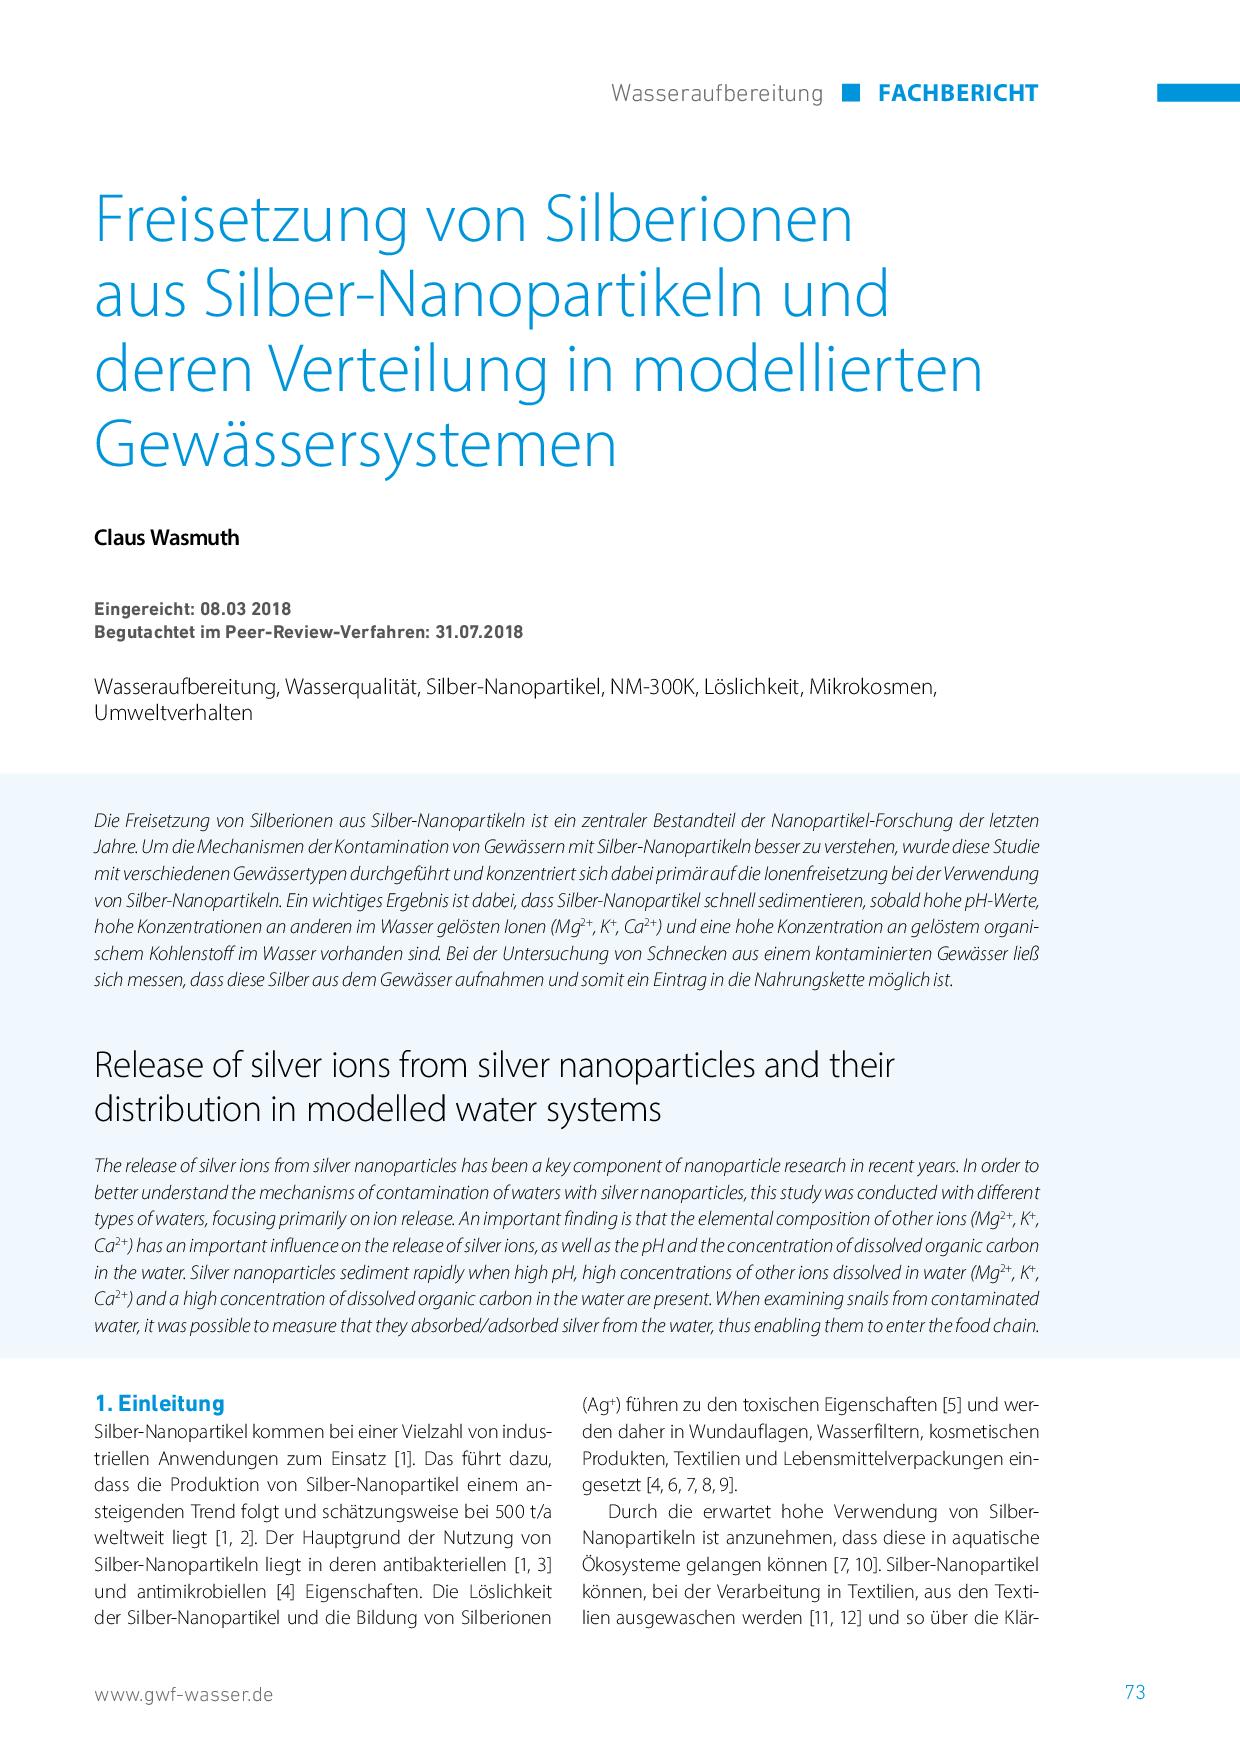 Freisetzung von Silberionen aus Silber-Nanopartikeln und deren Verteilung in modellierten Gewässersystemen